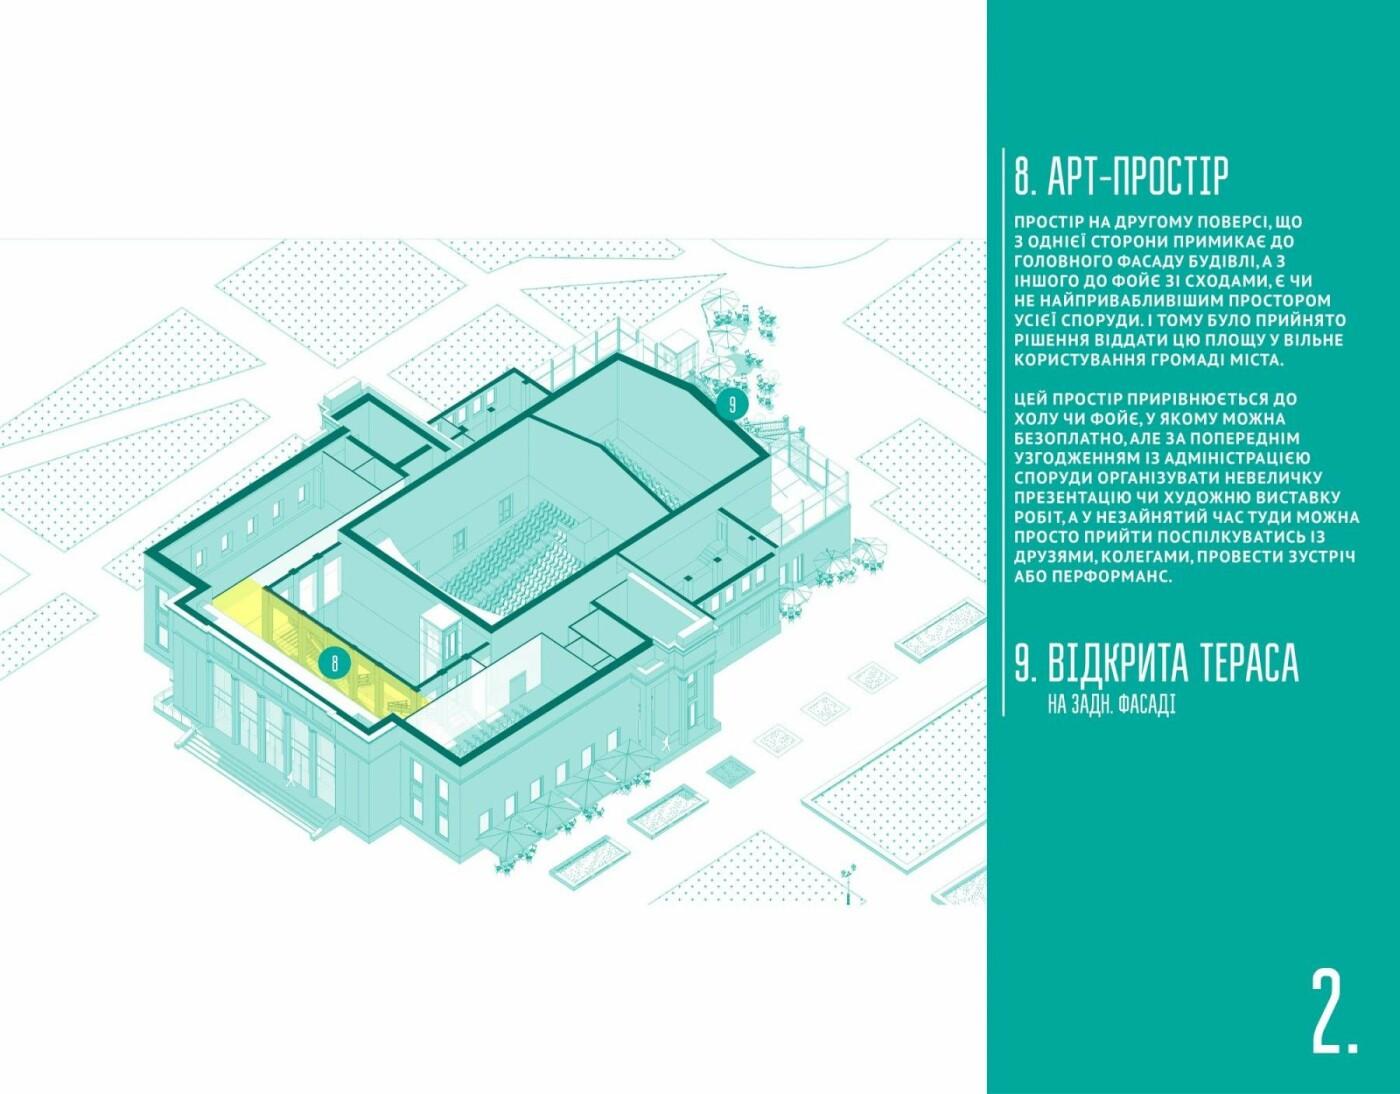 Концепція розвитку: яким буде кінотеатр Шевченка в майбутньому, фото-20